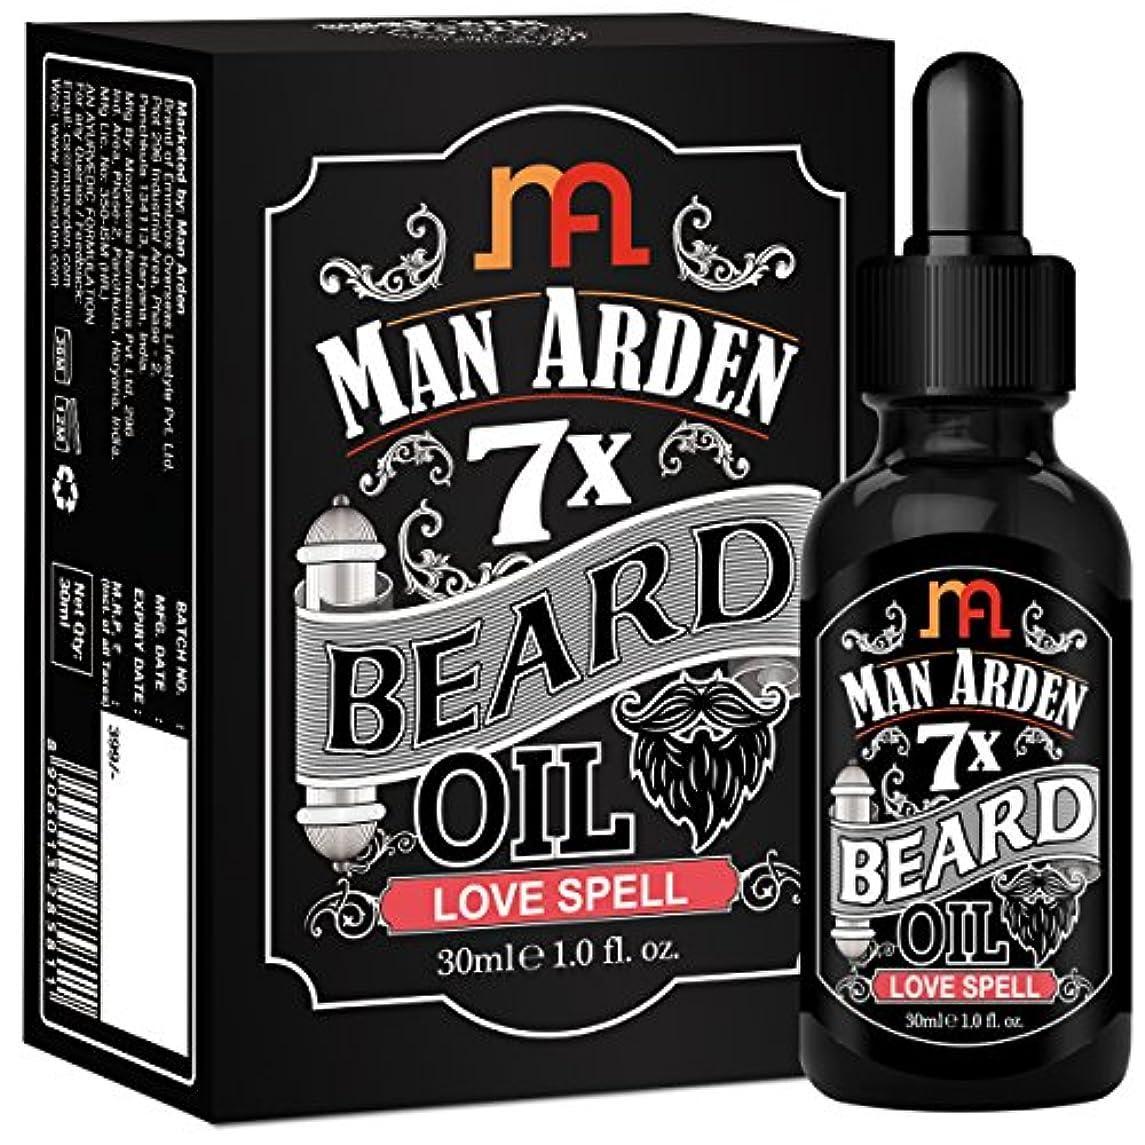 書き込み自然公園軽蔑するMan Arden 7X Beard Oil 30ml (Love Spell) - 7 Premium Oils Blend For Beard Growth & Nourishment